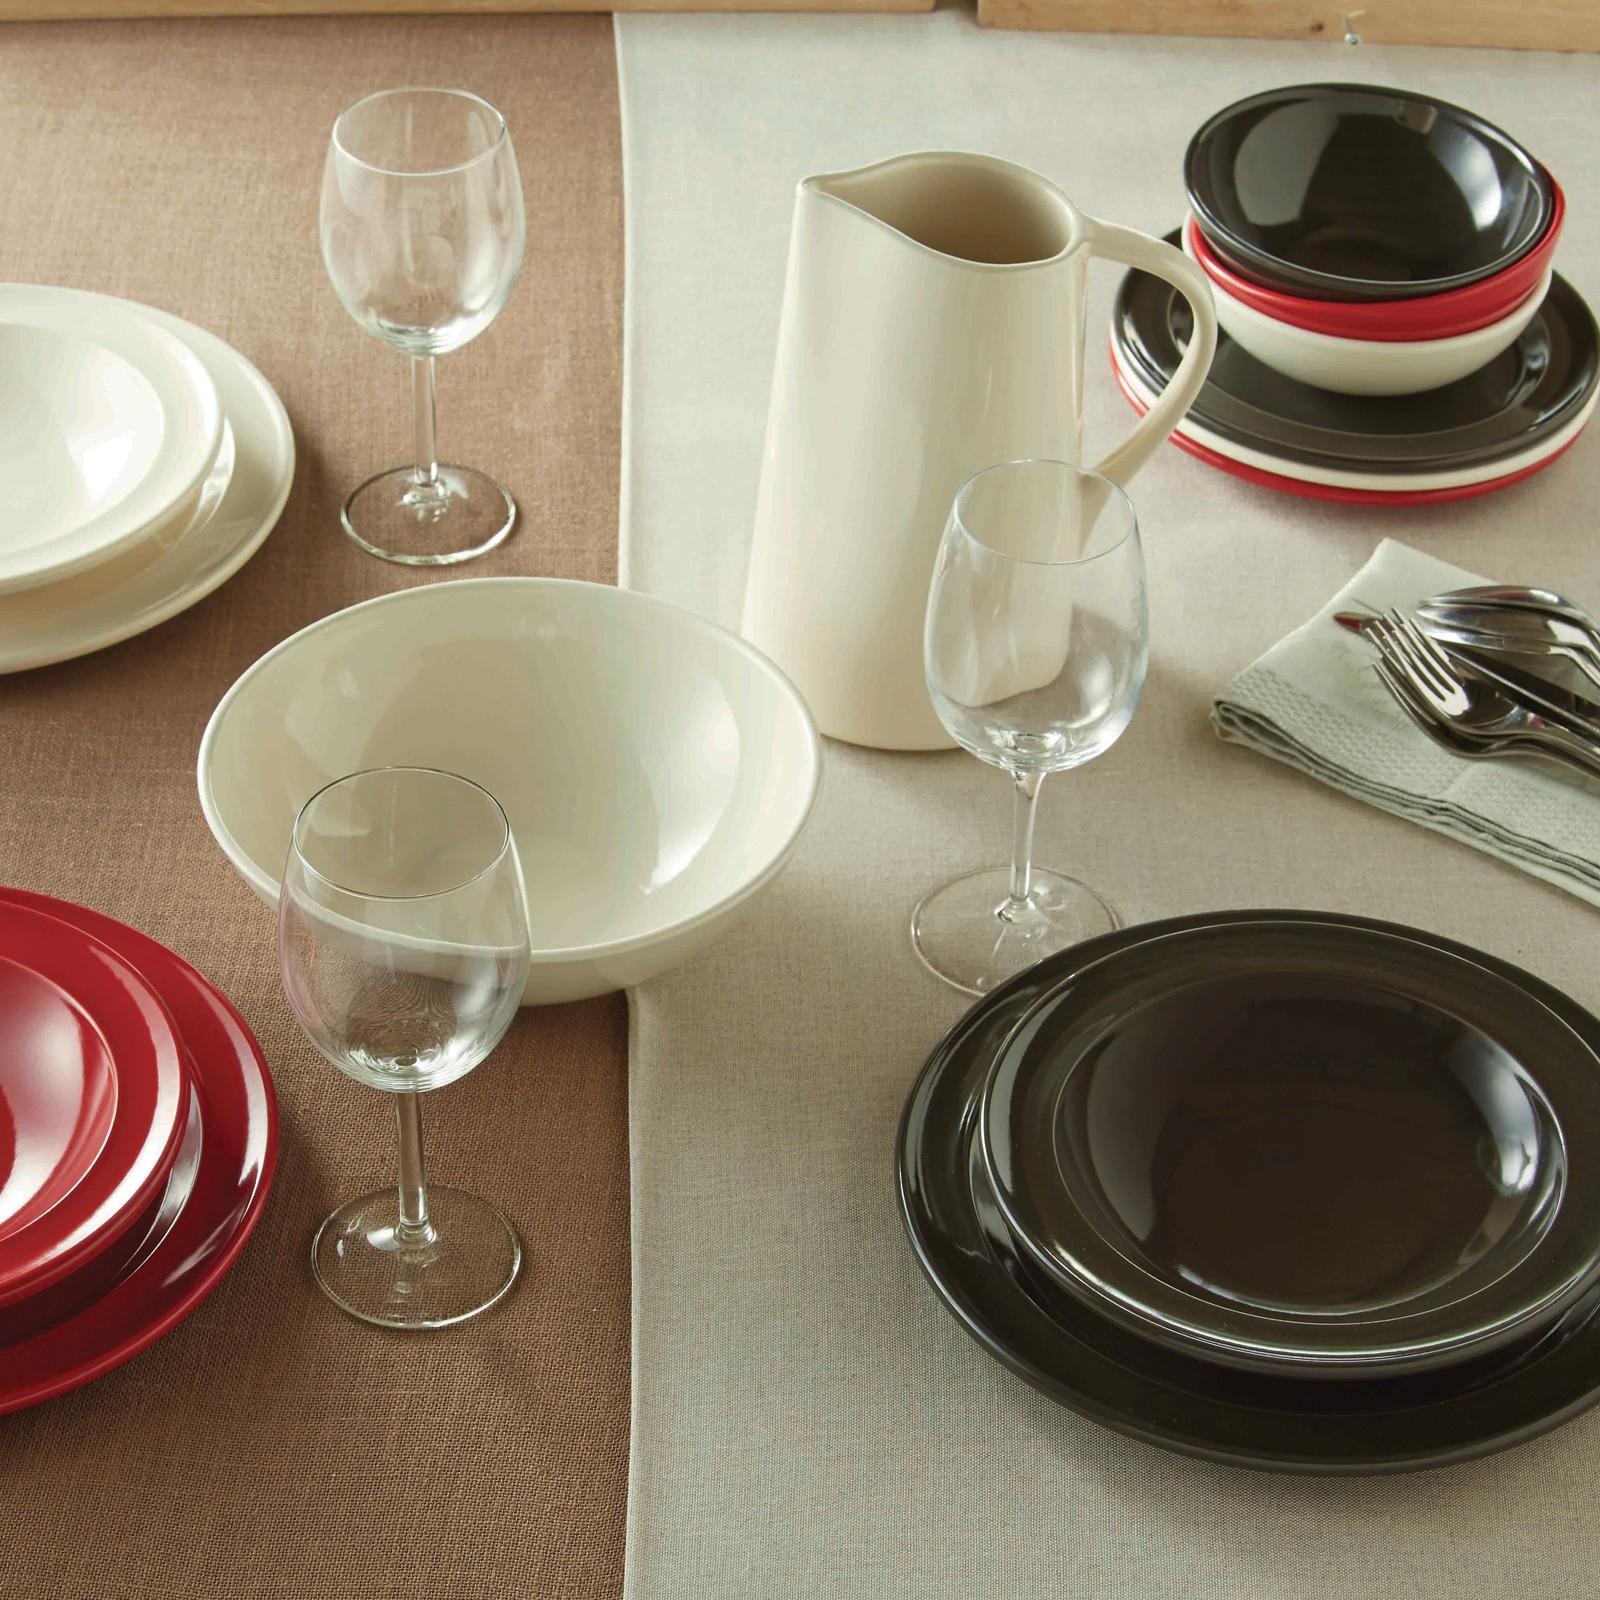 & HR Collection 3-Piece Dinnerware Set | Zola